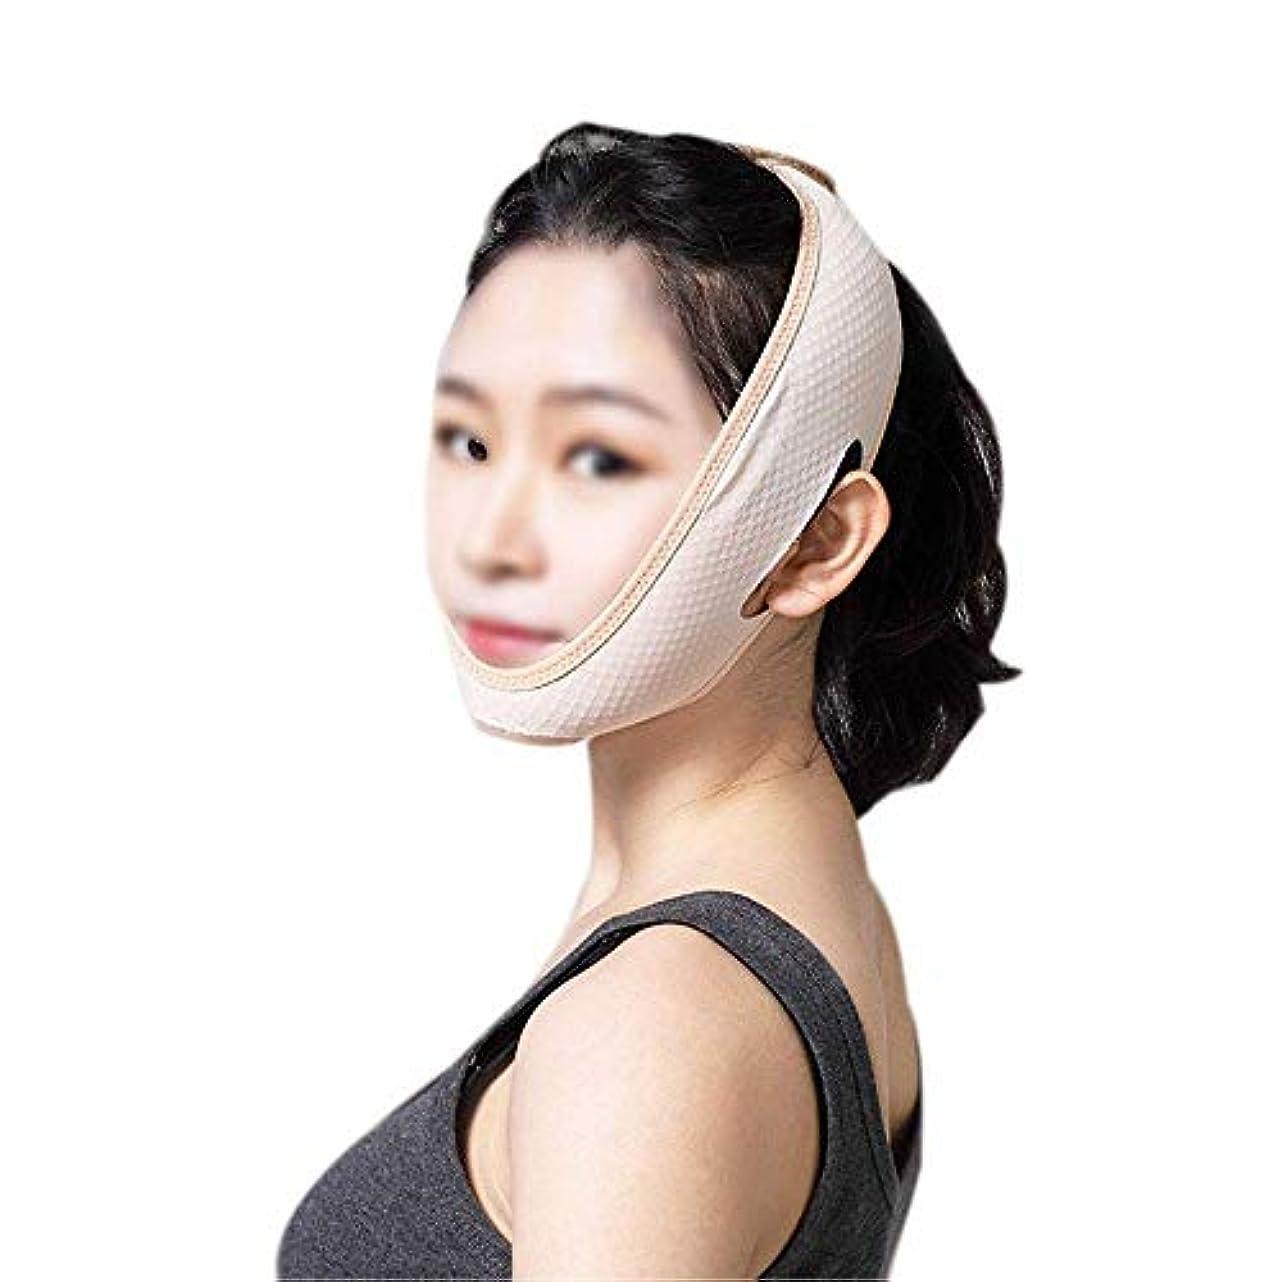 ルーフ沿ってパースブラックボロウフェイスリフティングバンデージ、肌の引き締めを強化する薄いフェイスマスクの睡眠、ダブルチンマスクの削減